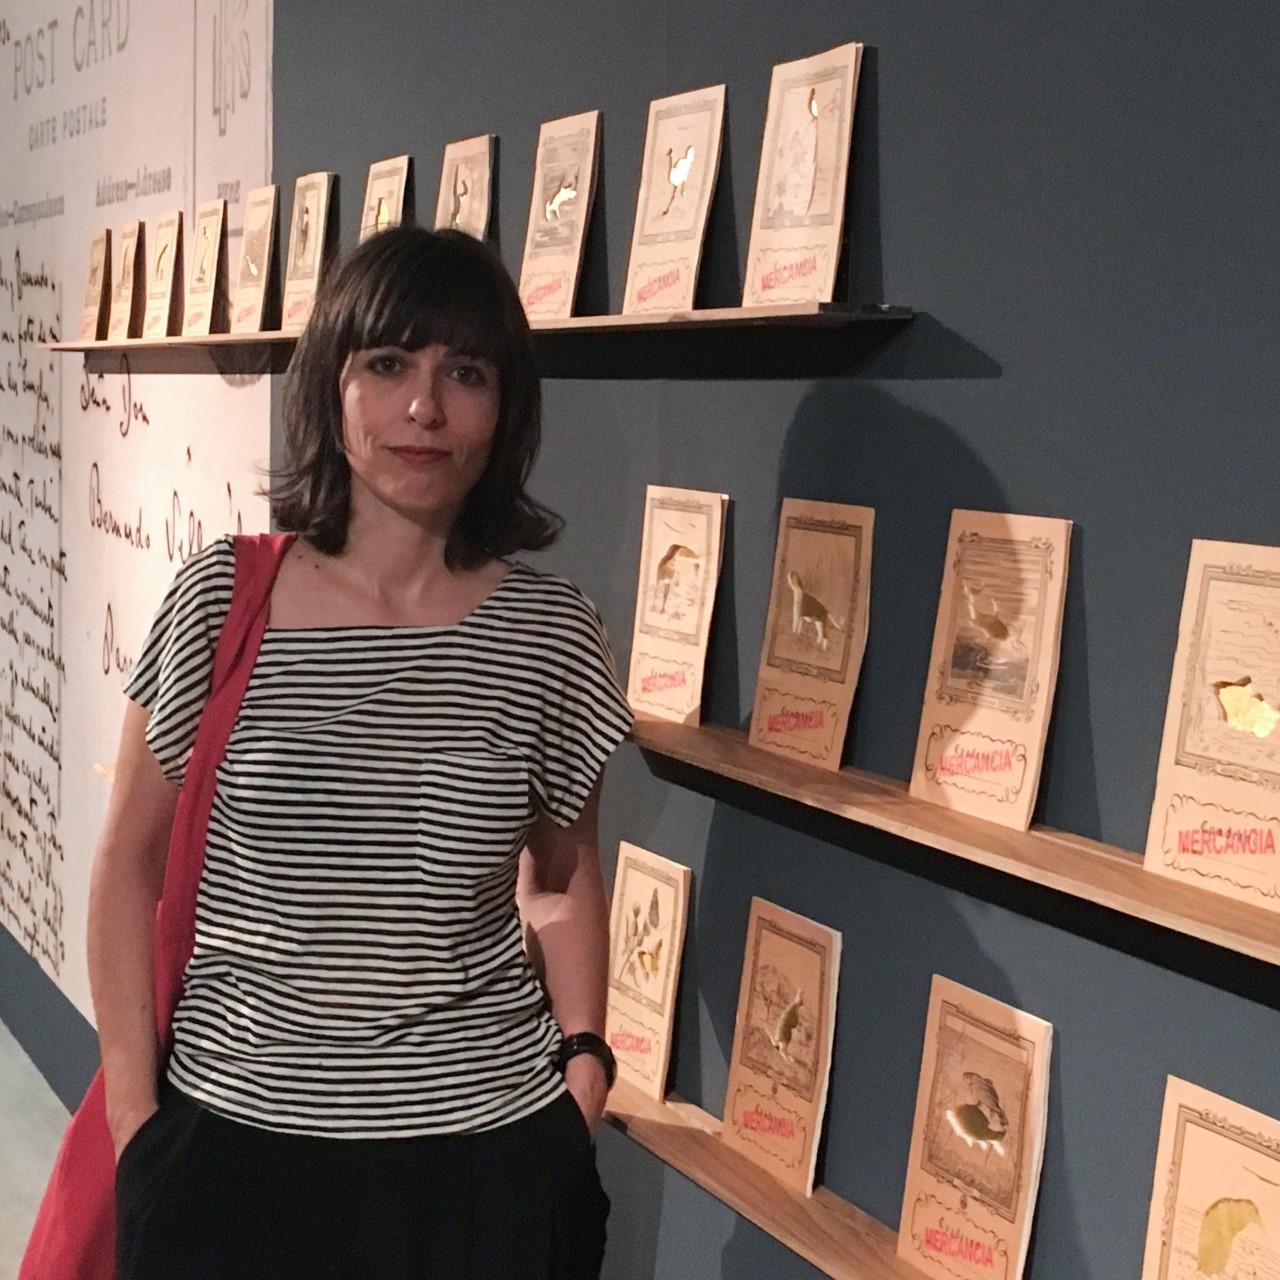 La artista Luisa Pastor presenta en la Casa Bardín su último proyecto expositivo comisariado por Pilar Tébar